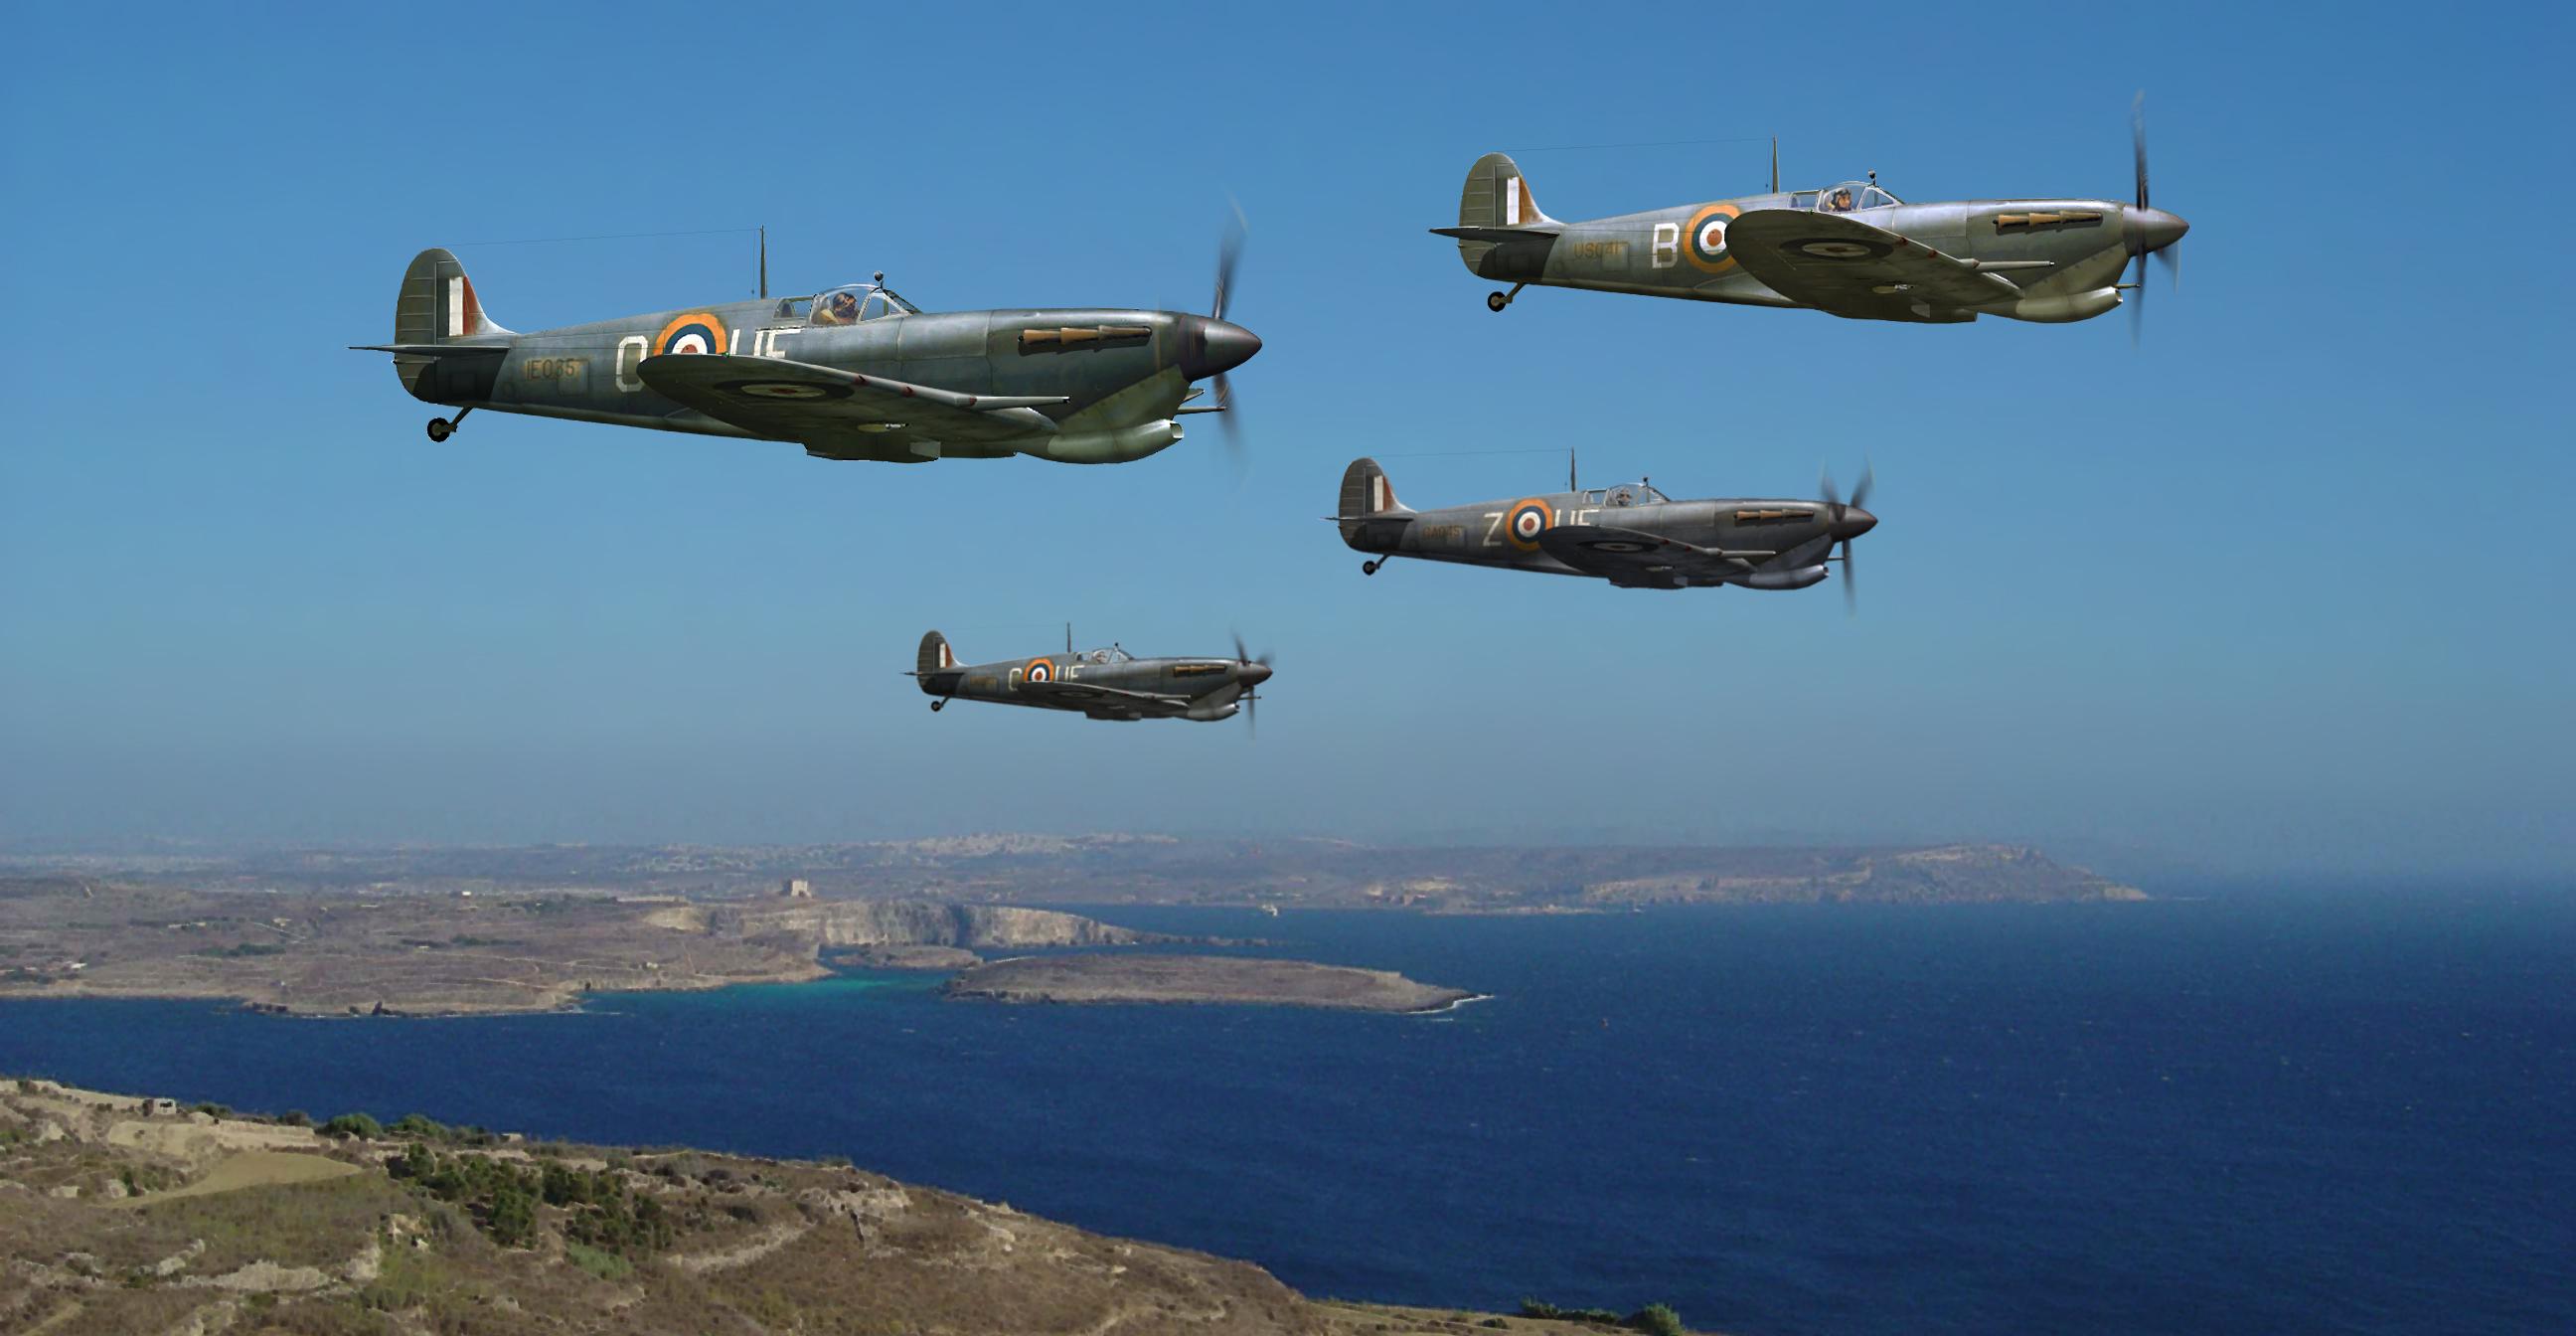 Spitfire MkVcTrop RAF 601Sqn Malta patrol 0A